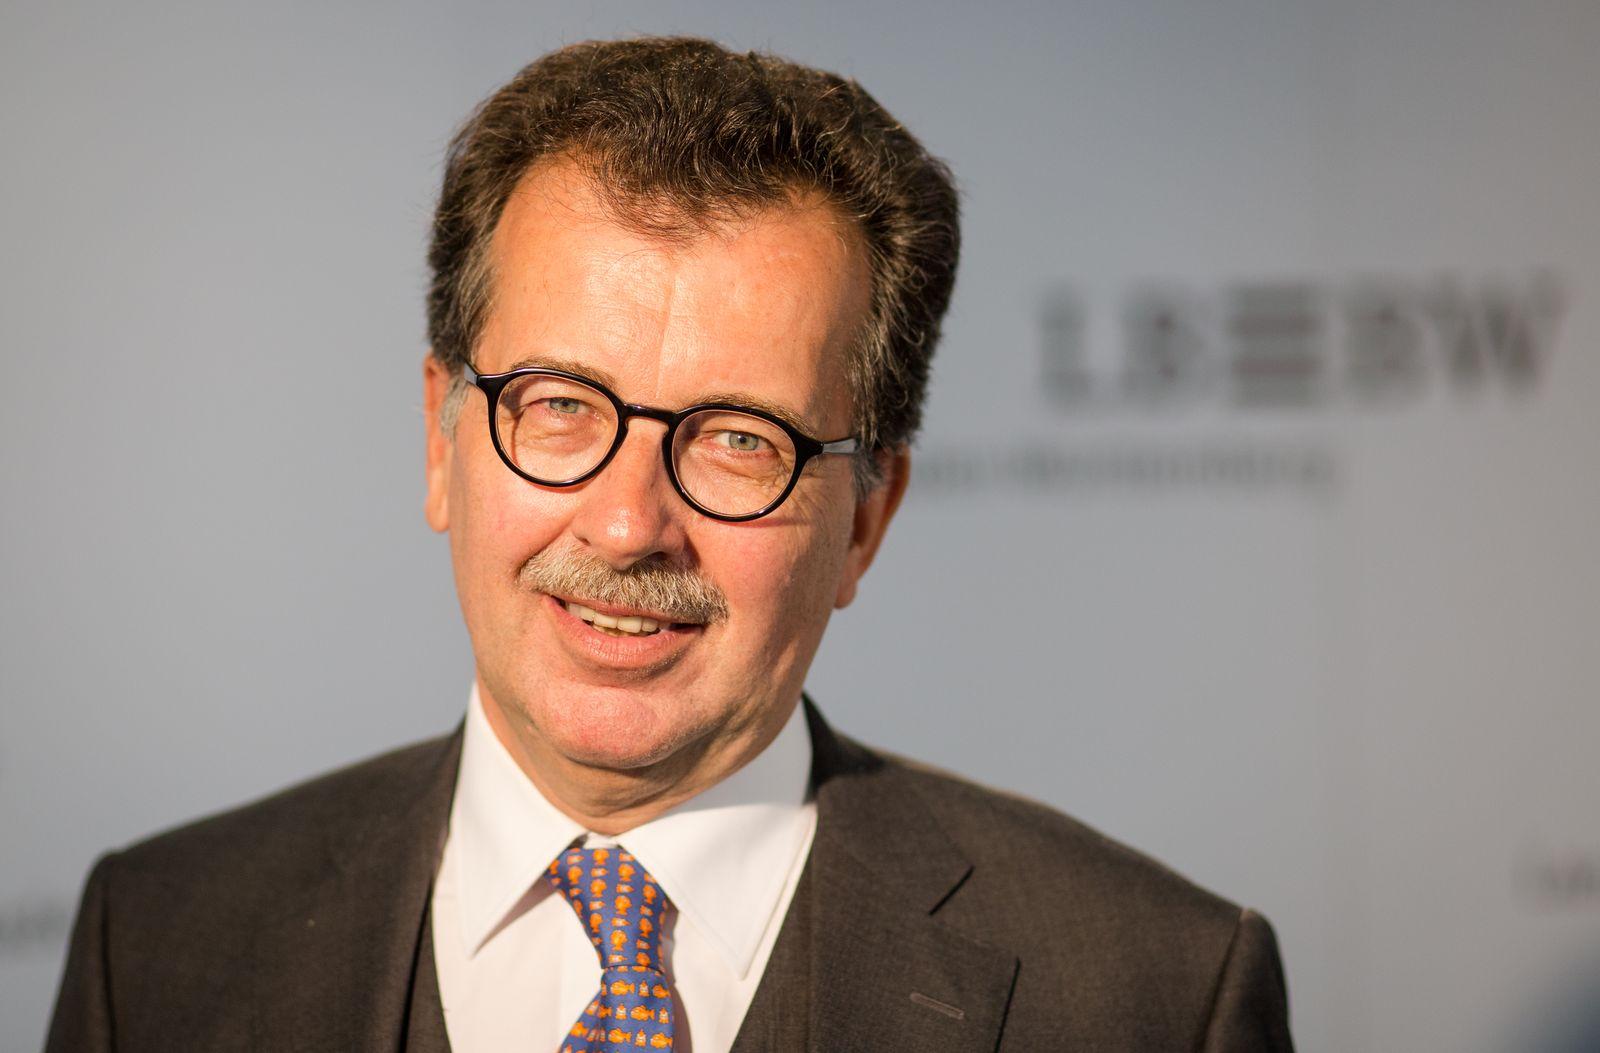 LBBW - Hans-Jörg Vetter